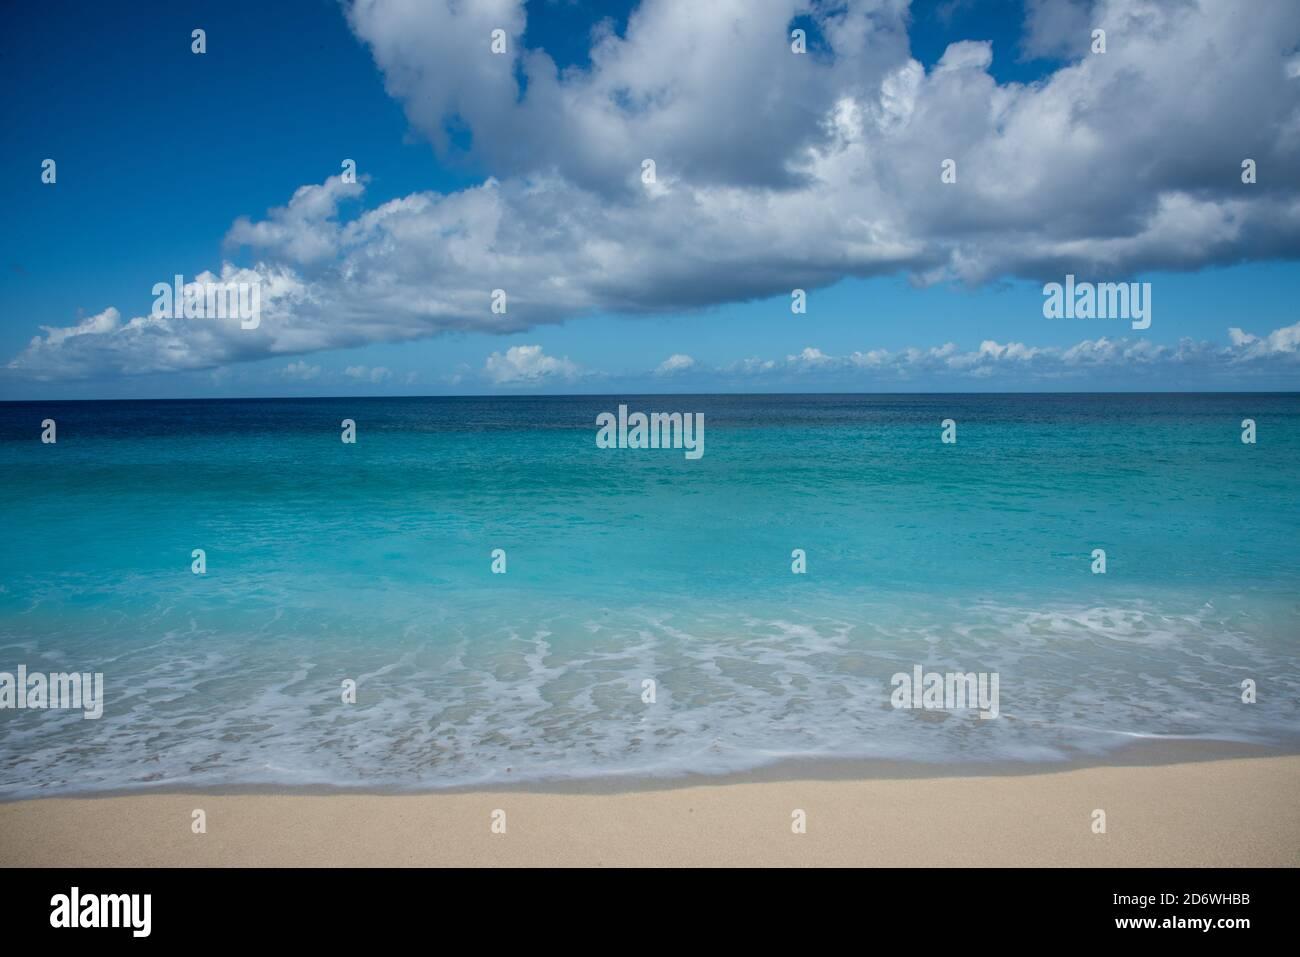 Majestuosas aguas del Mar Caribe en la zona de playa Sandy Point en Frederiksted en St. Croix en un día soleado en las Islas Vírgenes de los Estados Unidos Foto de stock